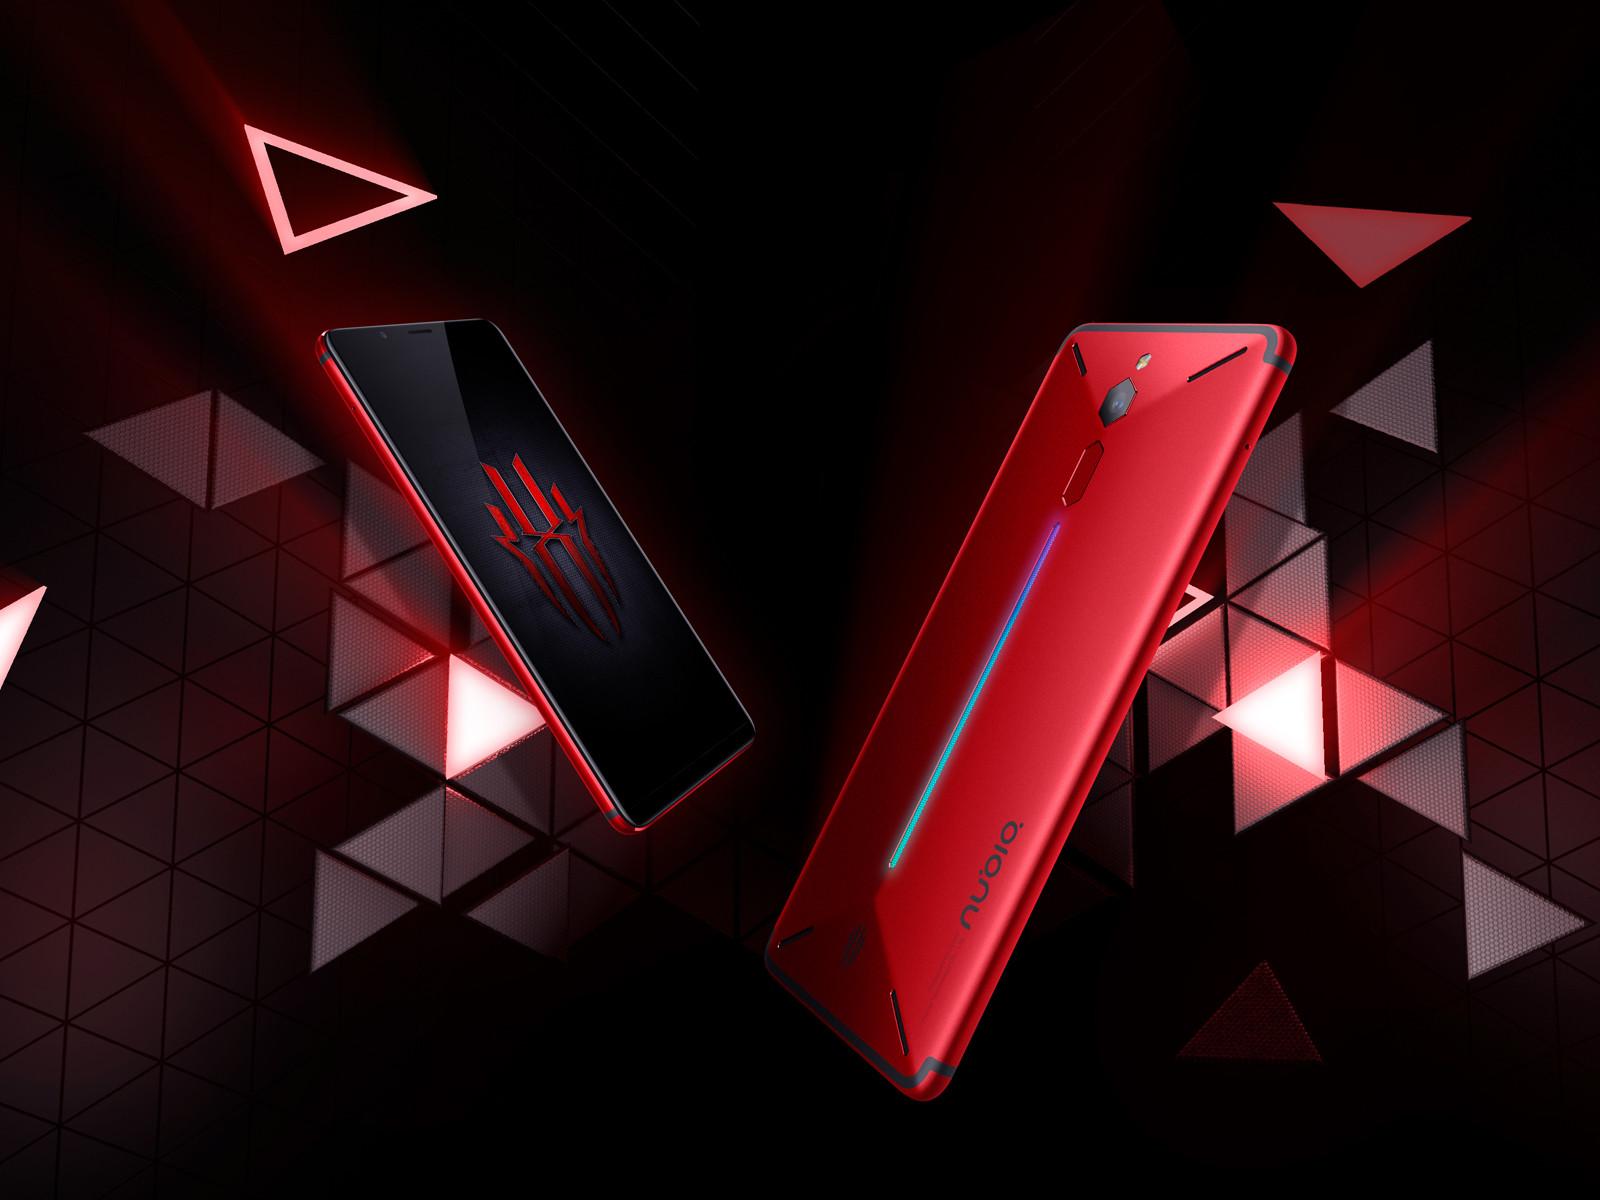 努比亚红魔电竞游戏手机(64GB)整体外观第8张